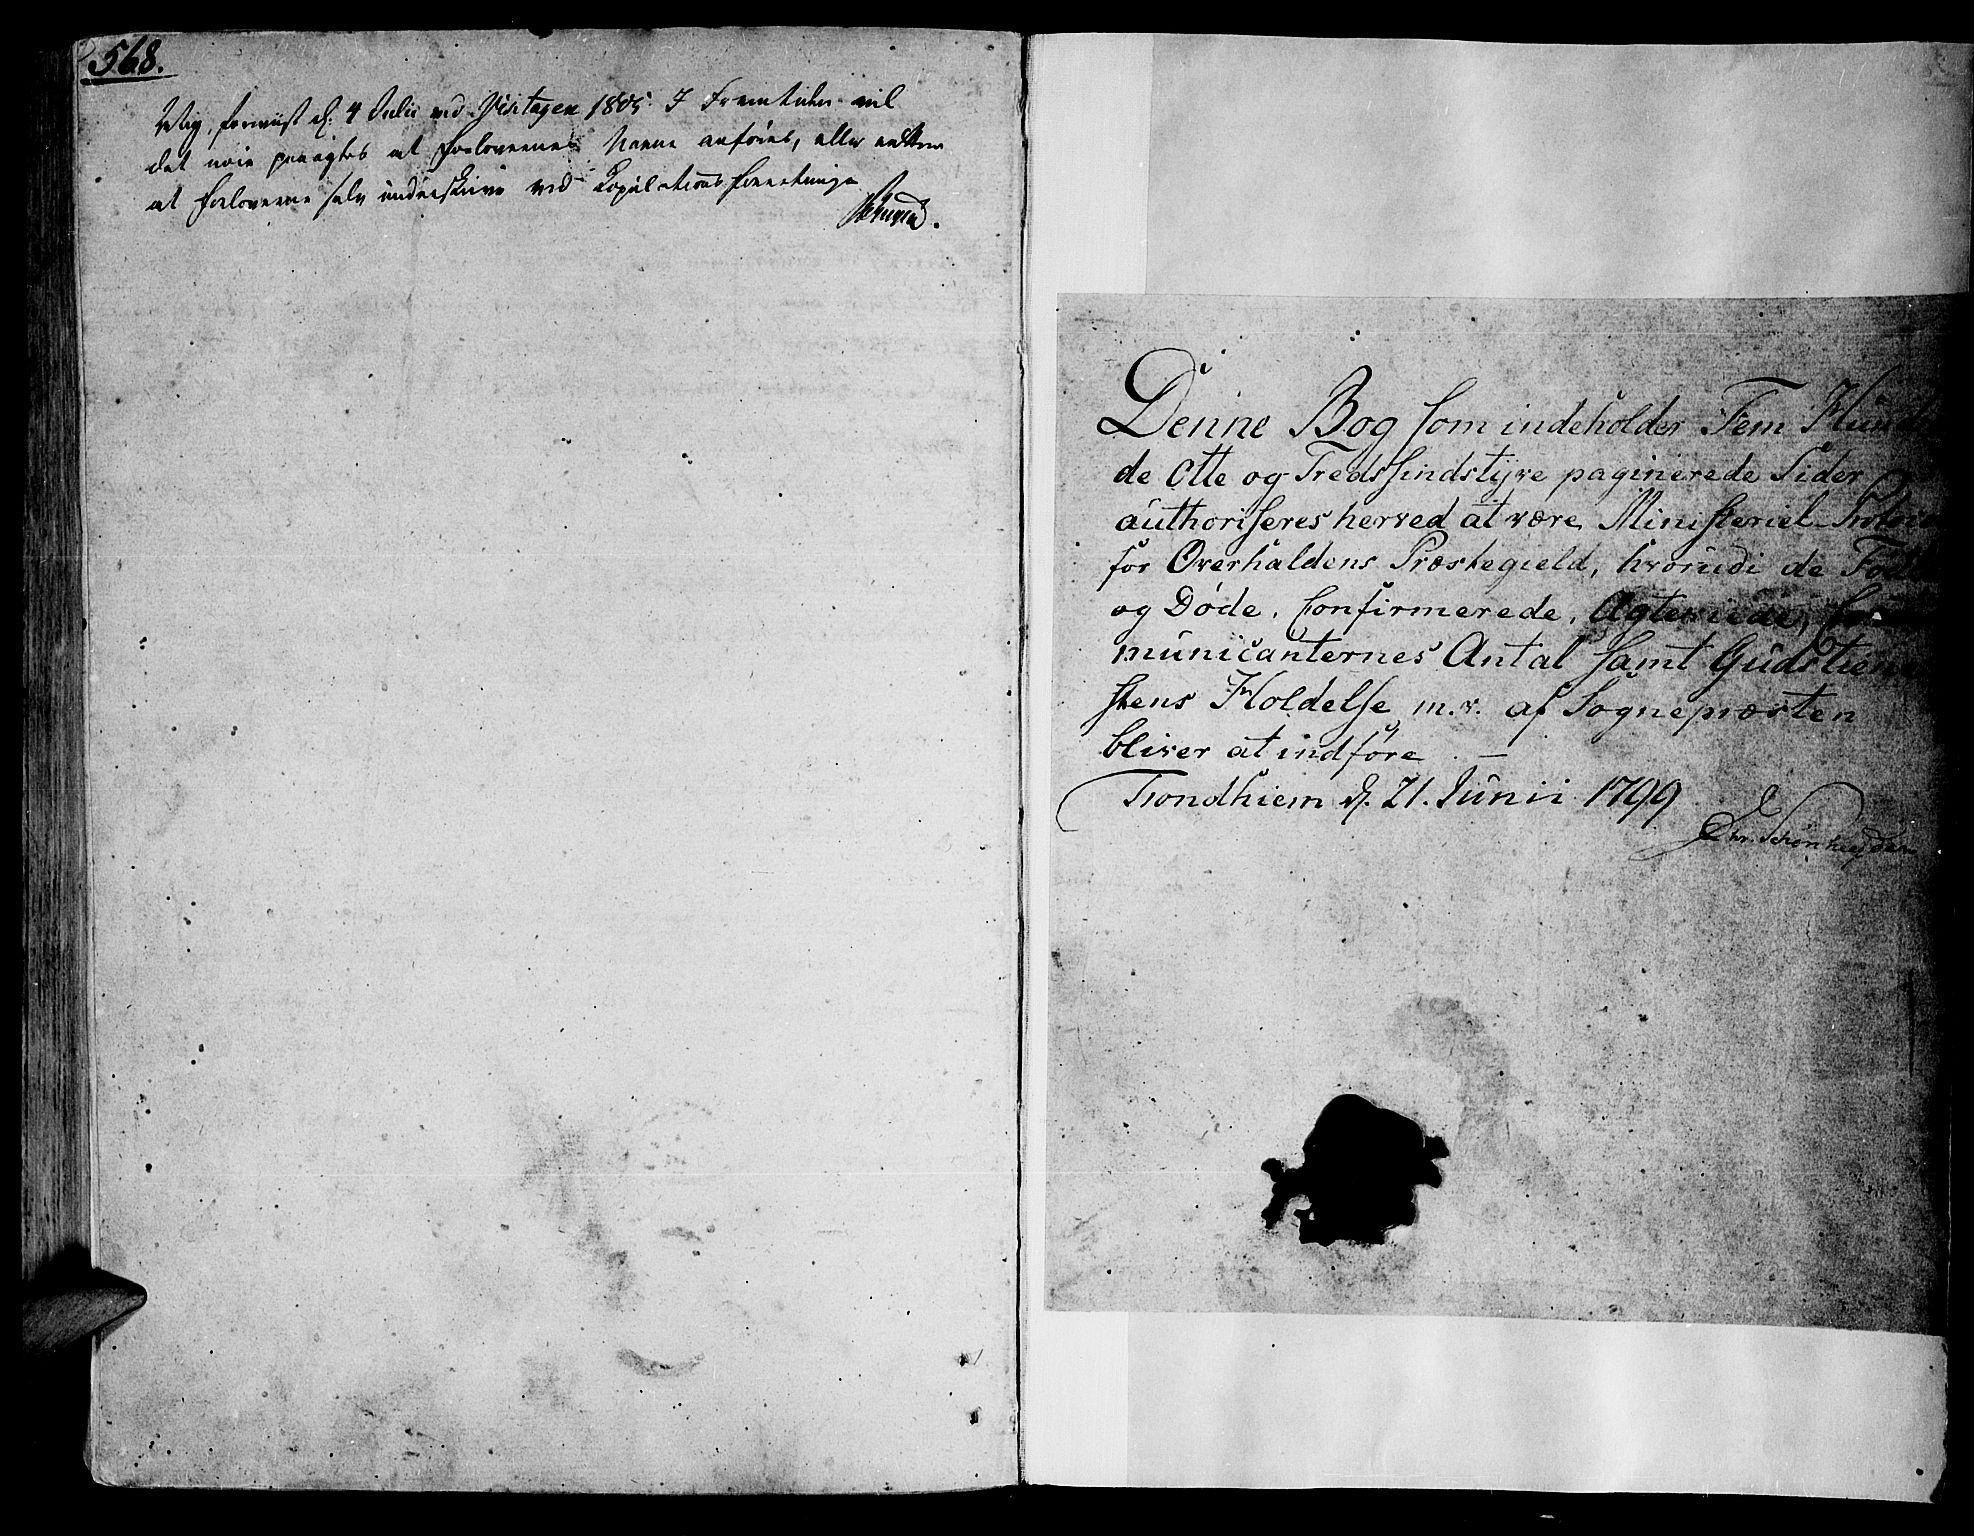 SAT, Ministerialprotokoller, klokkerbøker og fødselsregistre - Nord-Trøndelag, 764/L0545: Ministerialbok nr. 764A05, 1799-1816